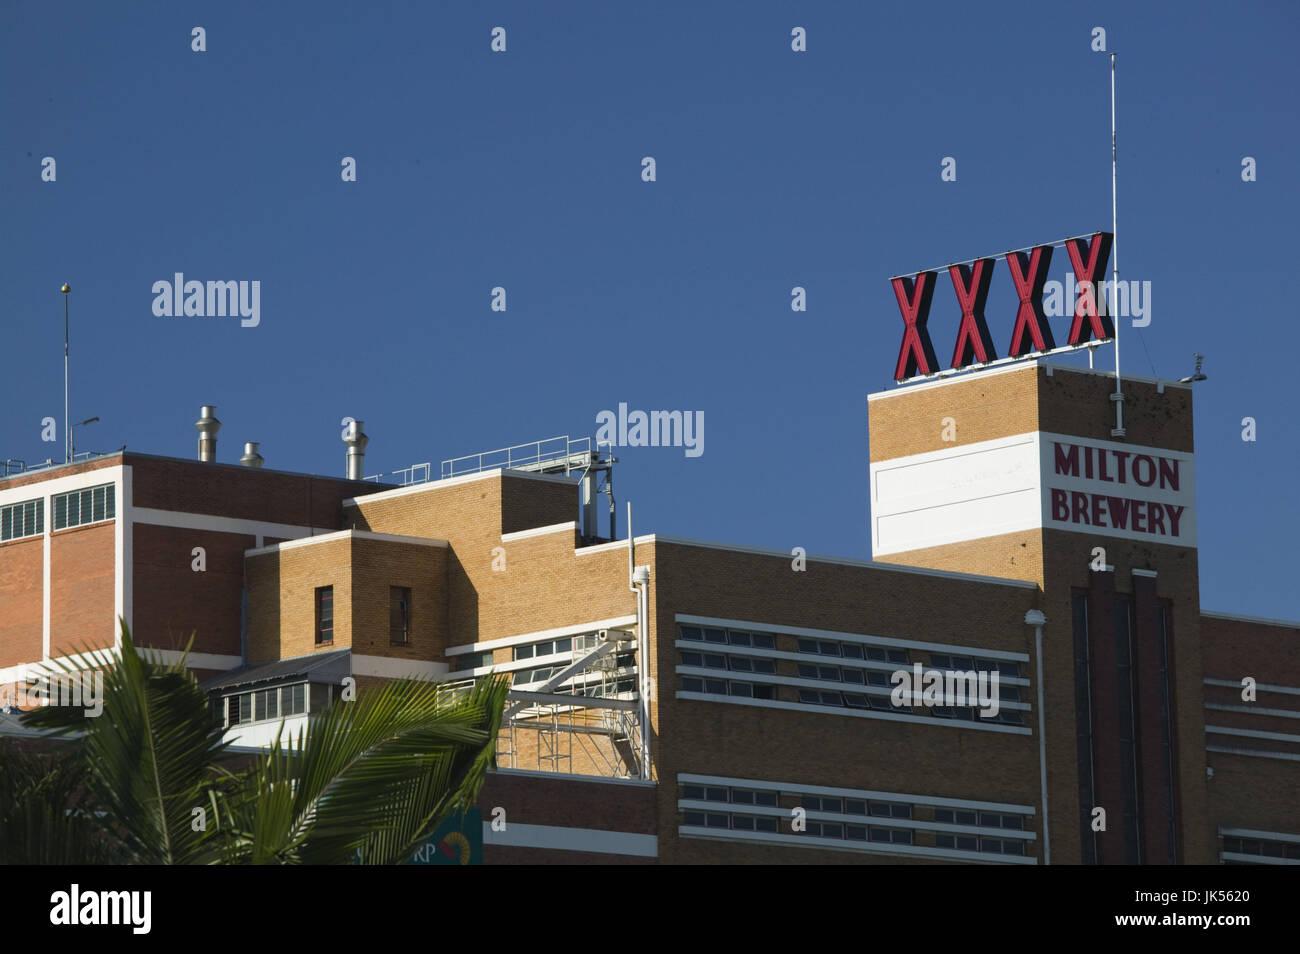 xxxx brewery brisbane